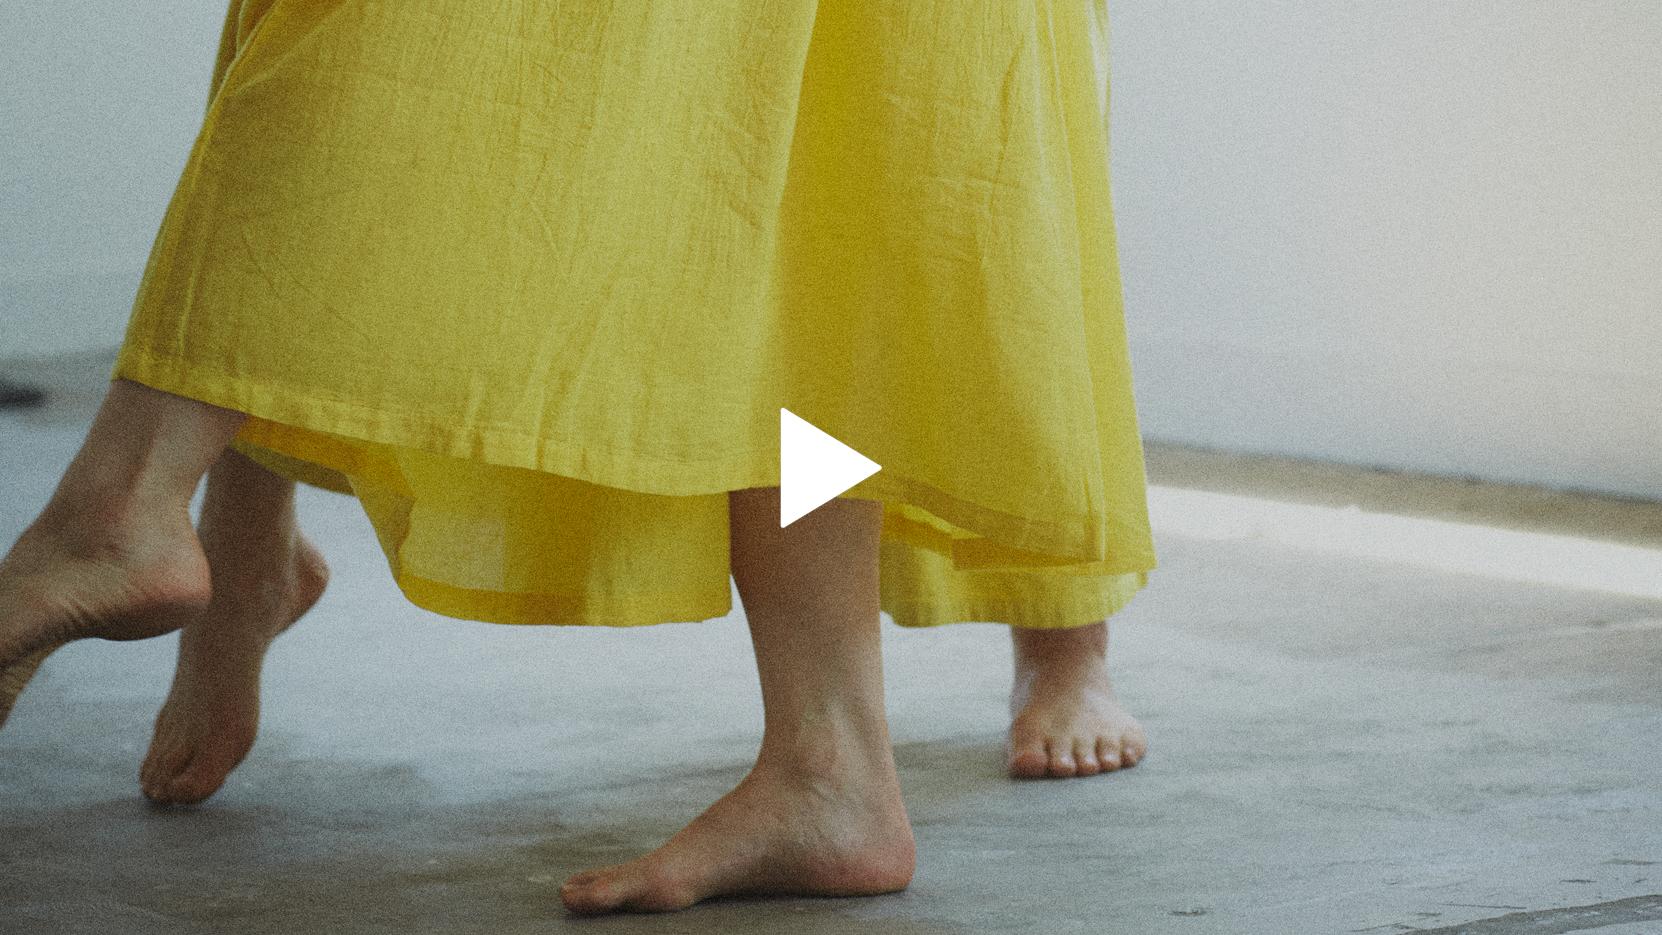 「ヂェン先生の日常着」紹介動画